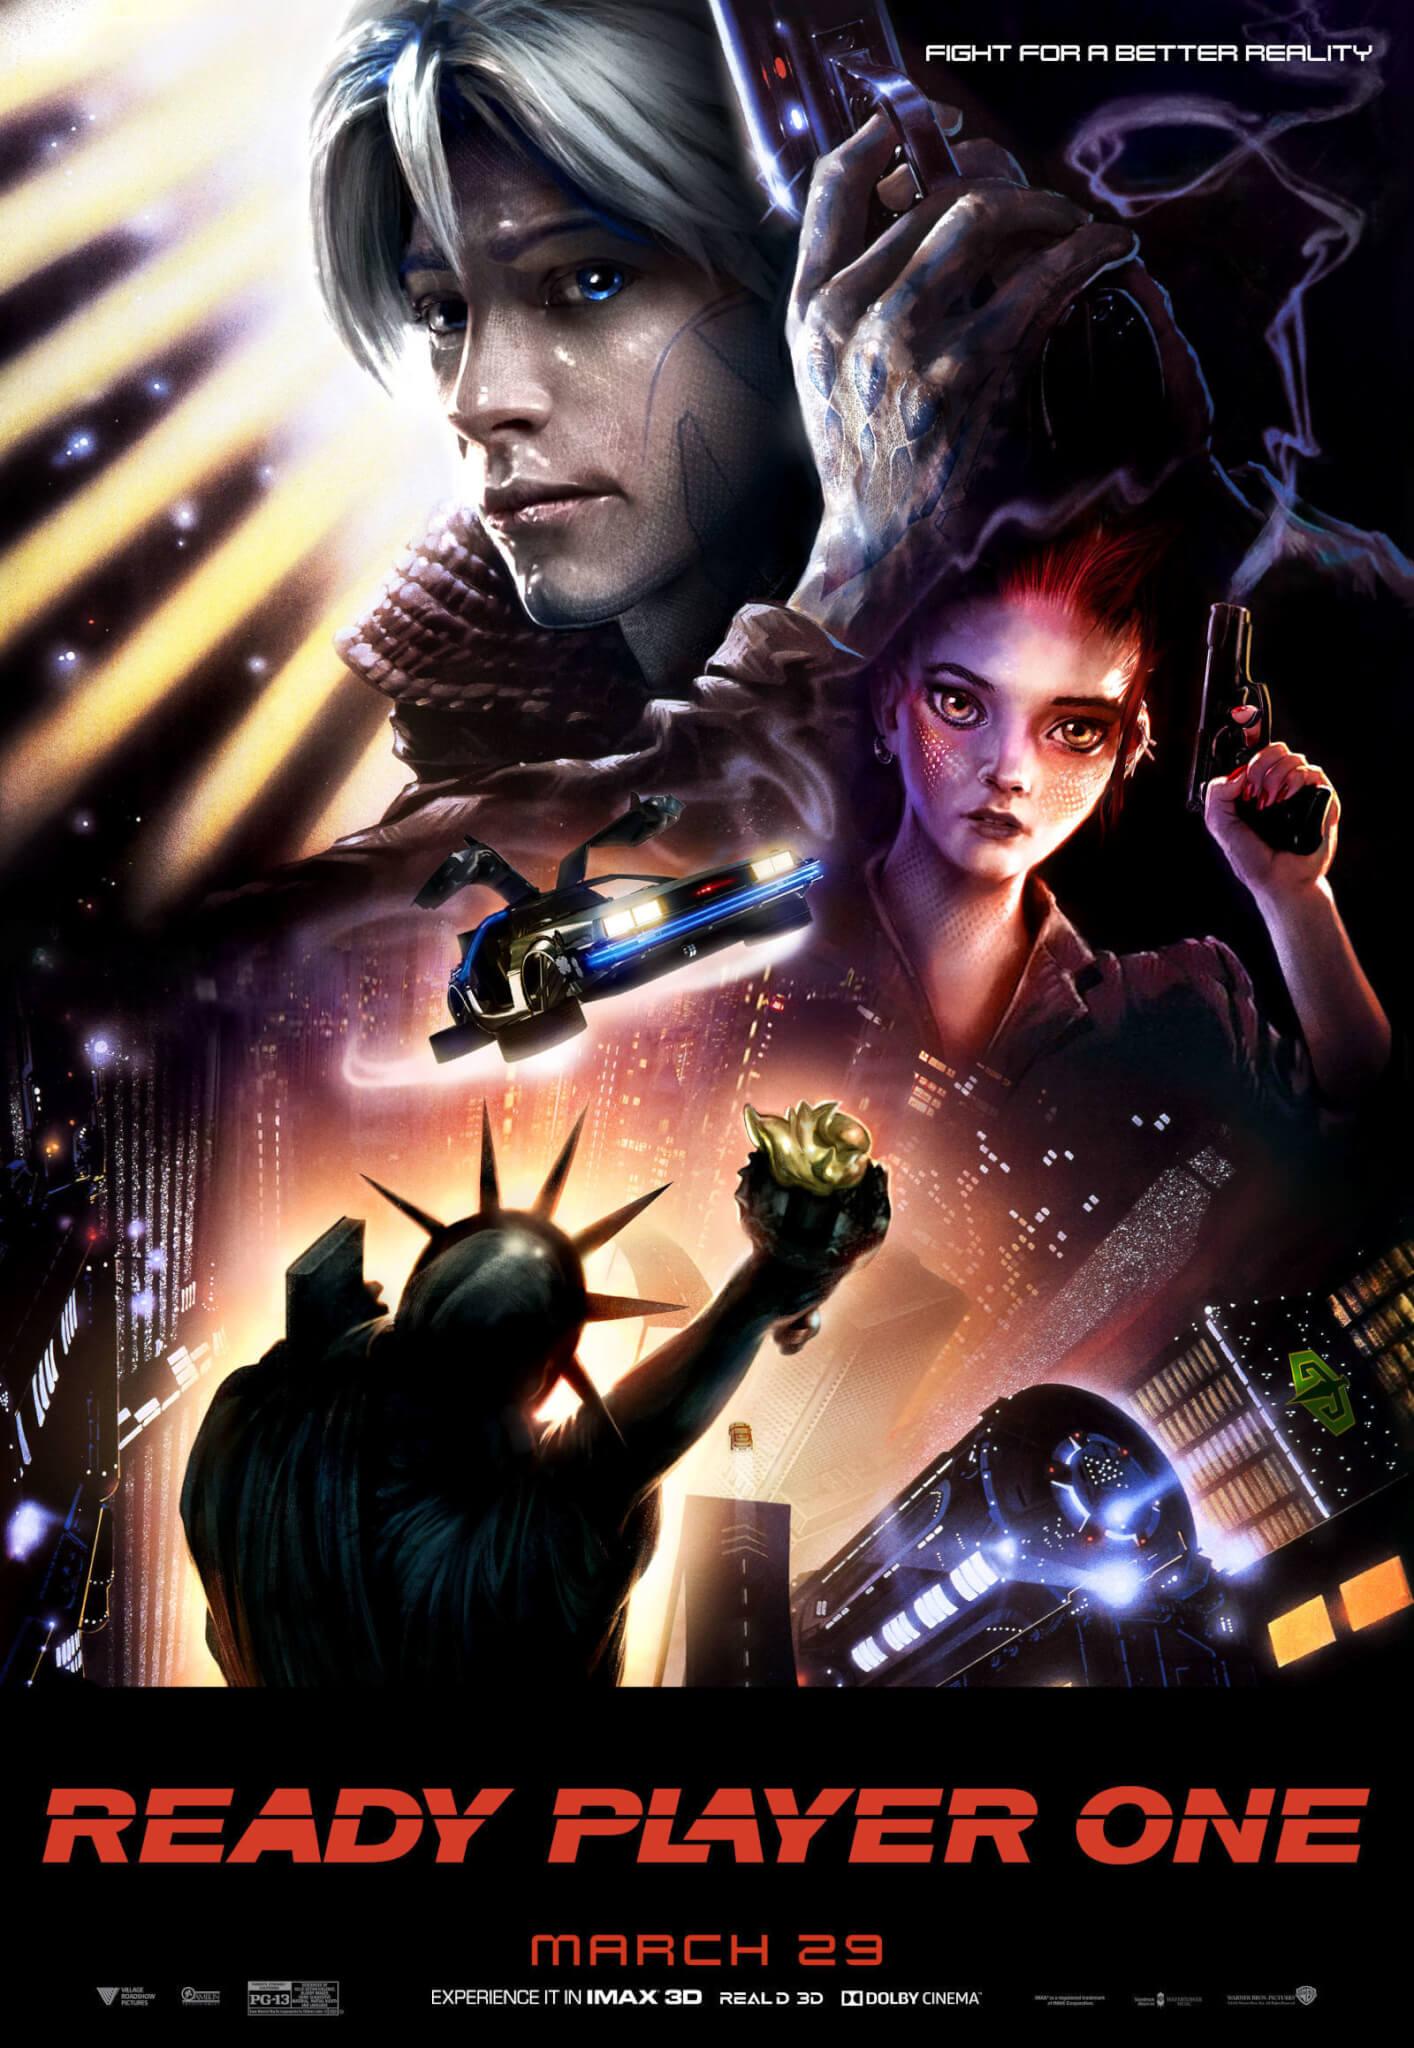 Blade Runner RPO